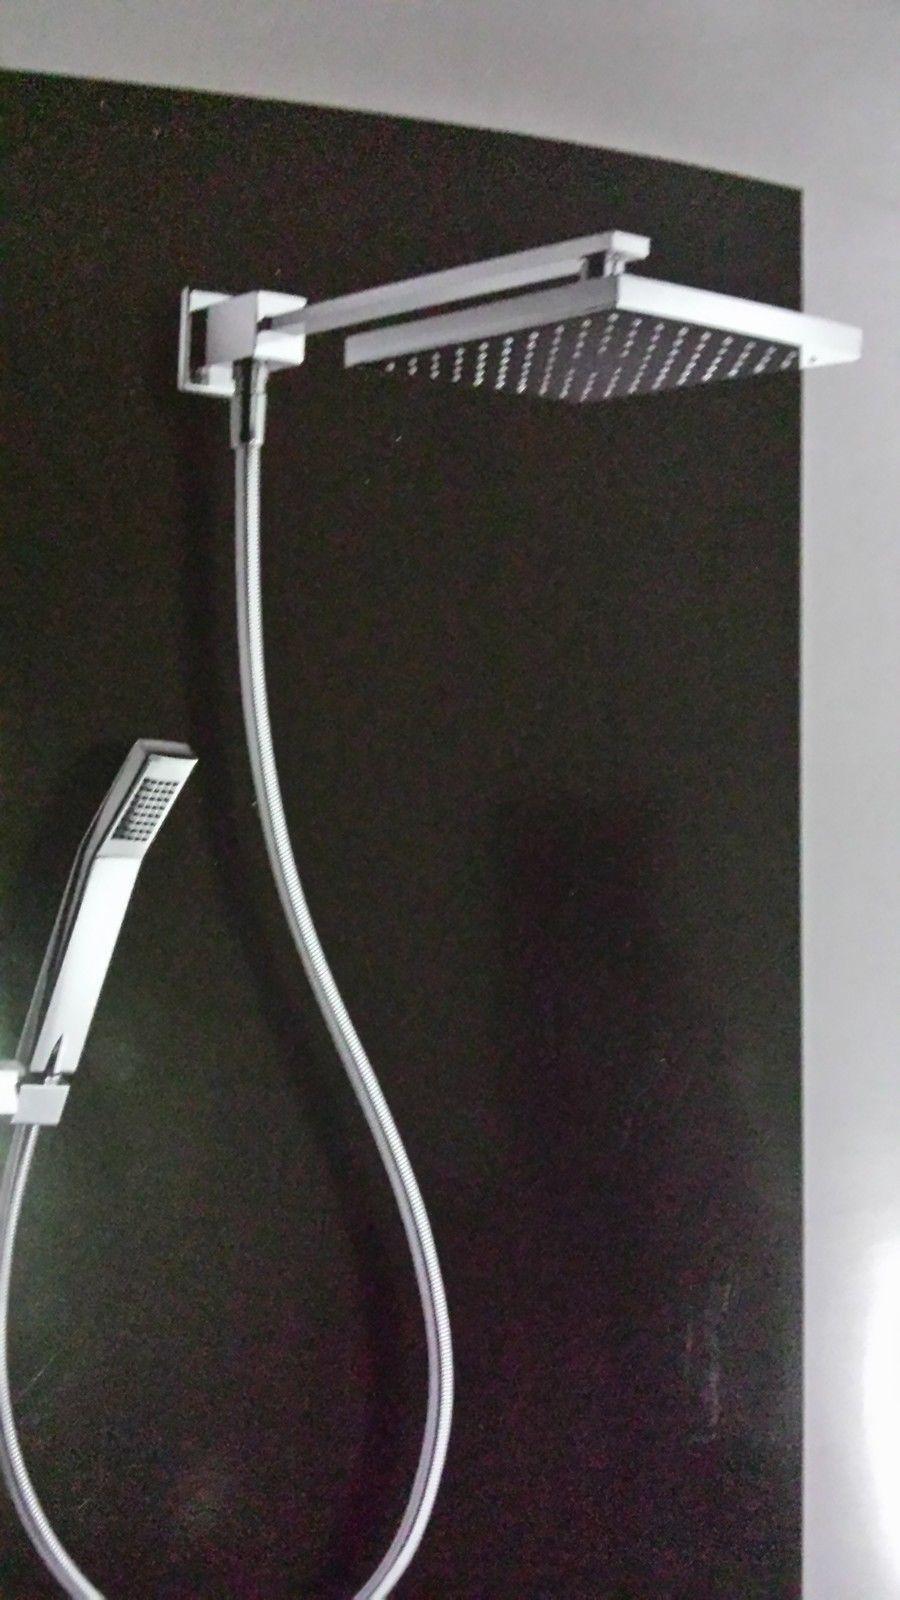 Kit Braccio Doccia Lux Quadro Deviatore Soffione 20x20 Doccetta E Flex Silver